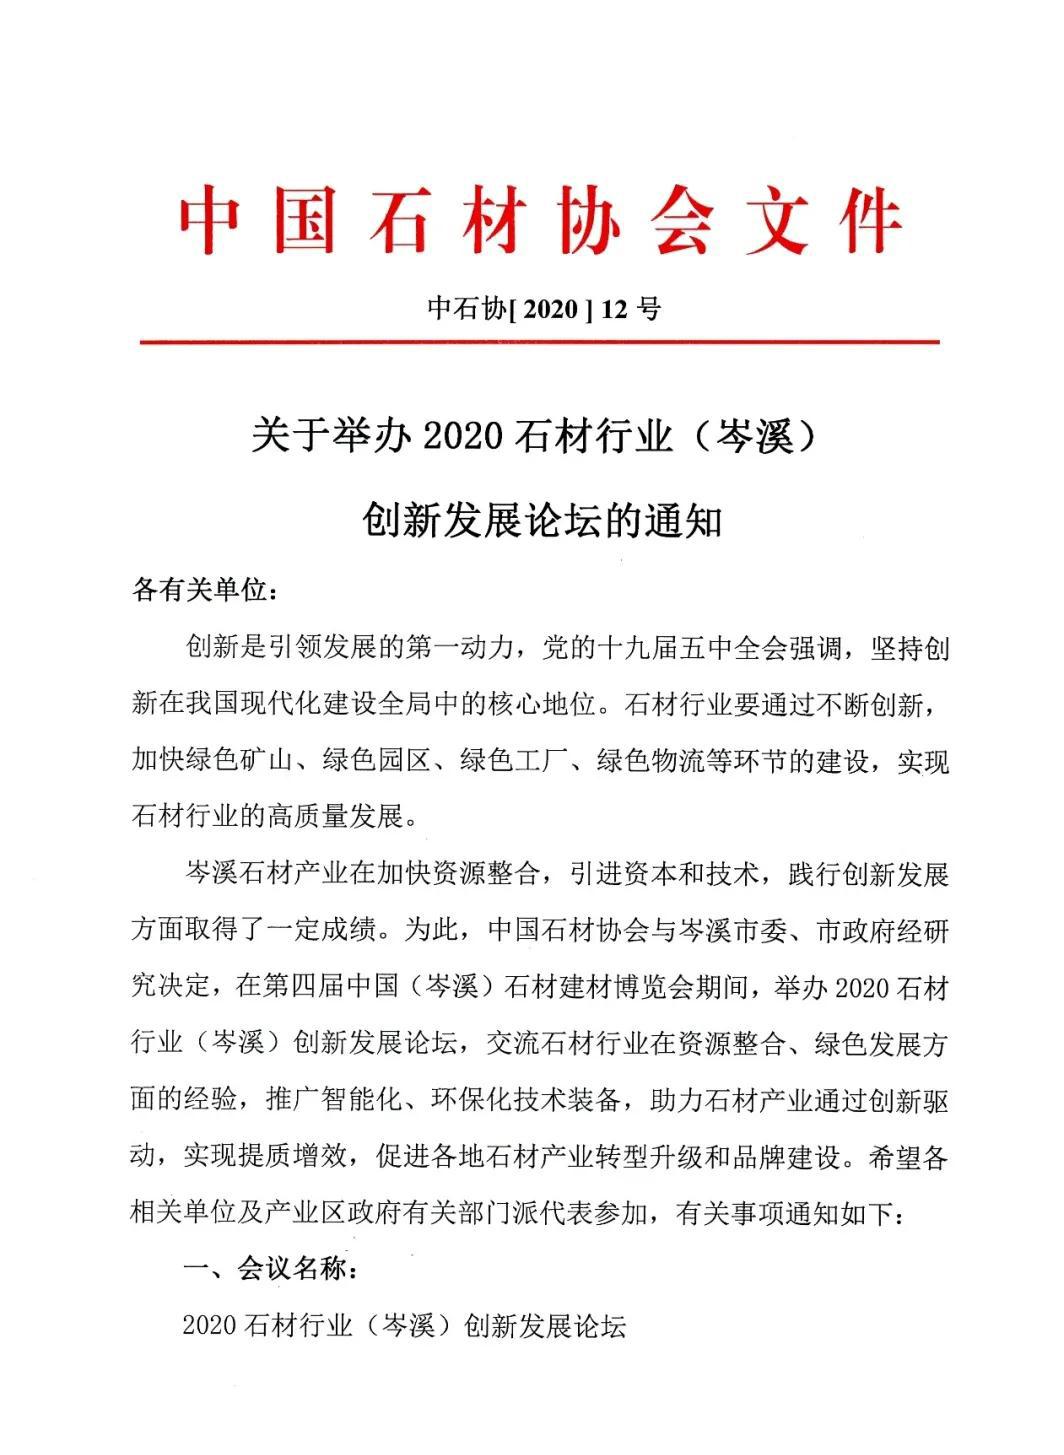 中石协:关于2020石材行业(岑溪)创新发展论坛通知